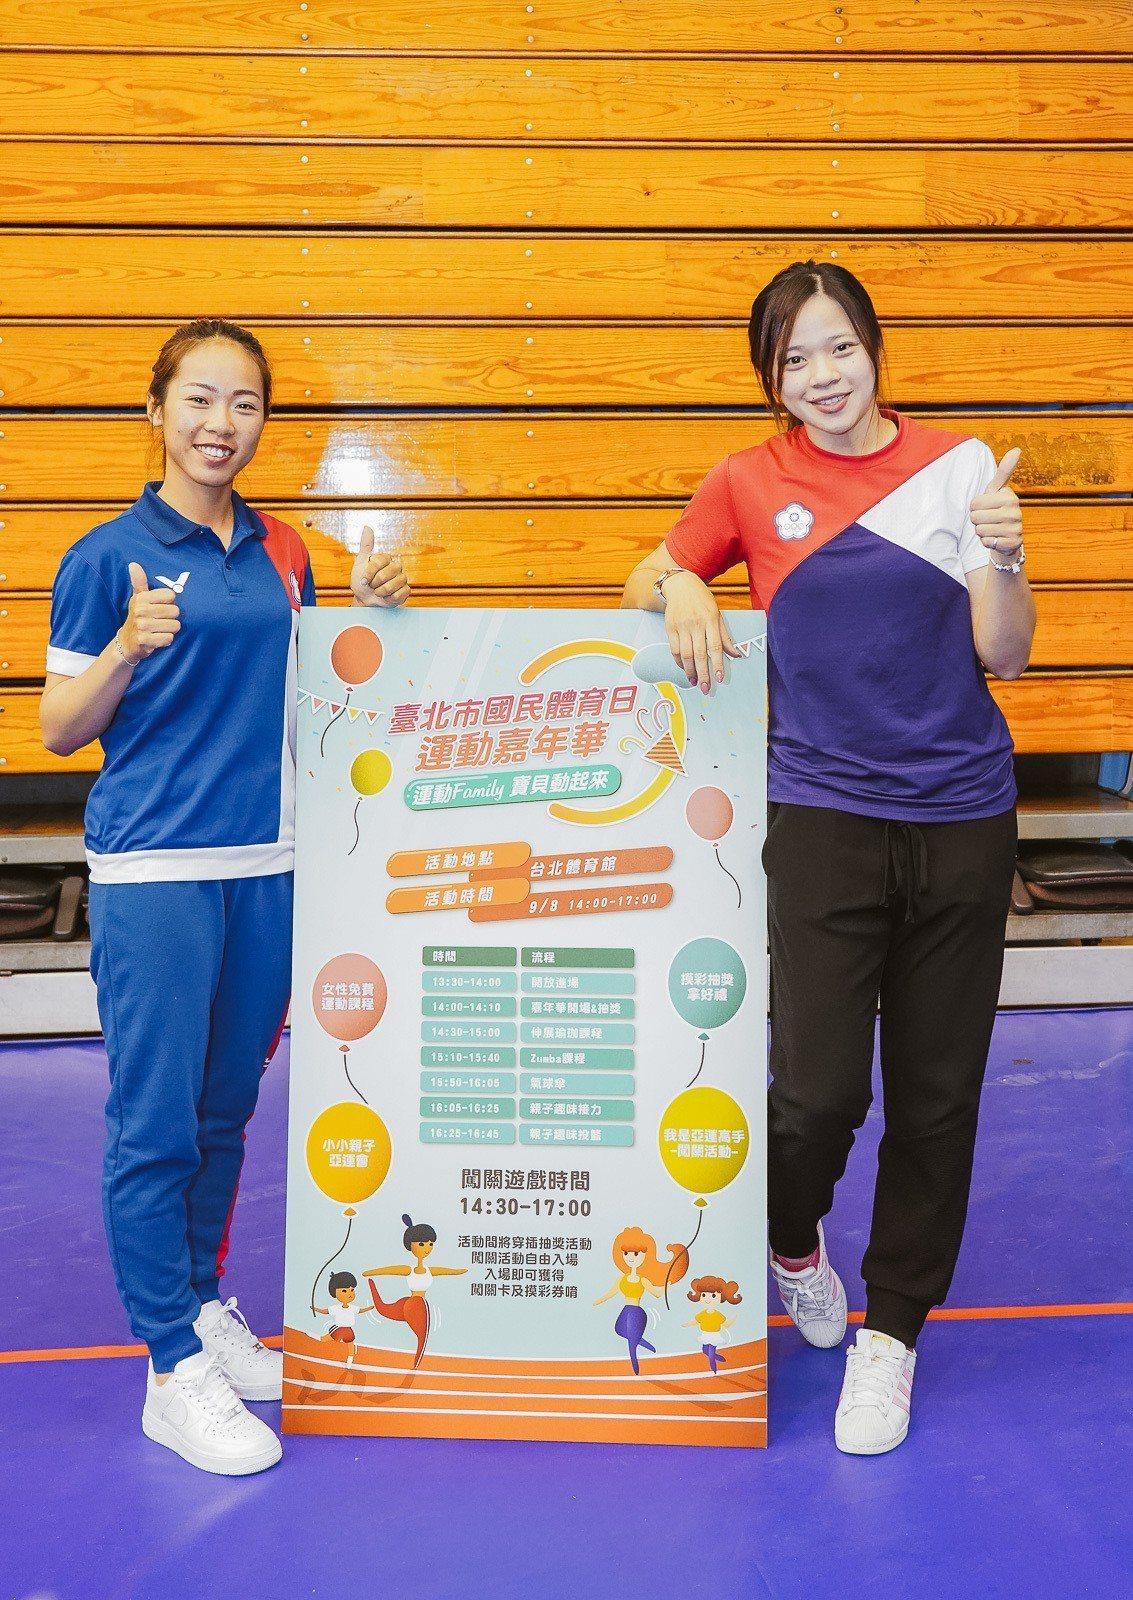 譚雅婷(左)與楊孟樺出席運動嘉年華活動。圖/台北市政府體育局提供